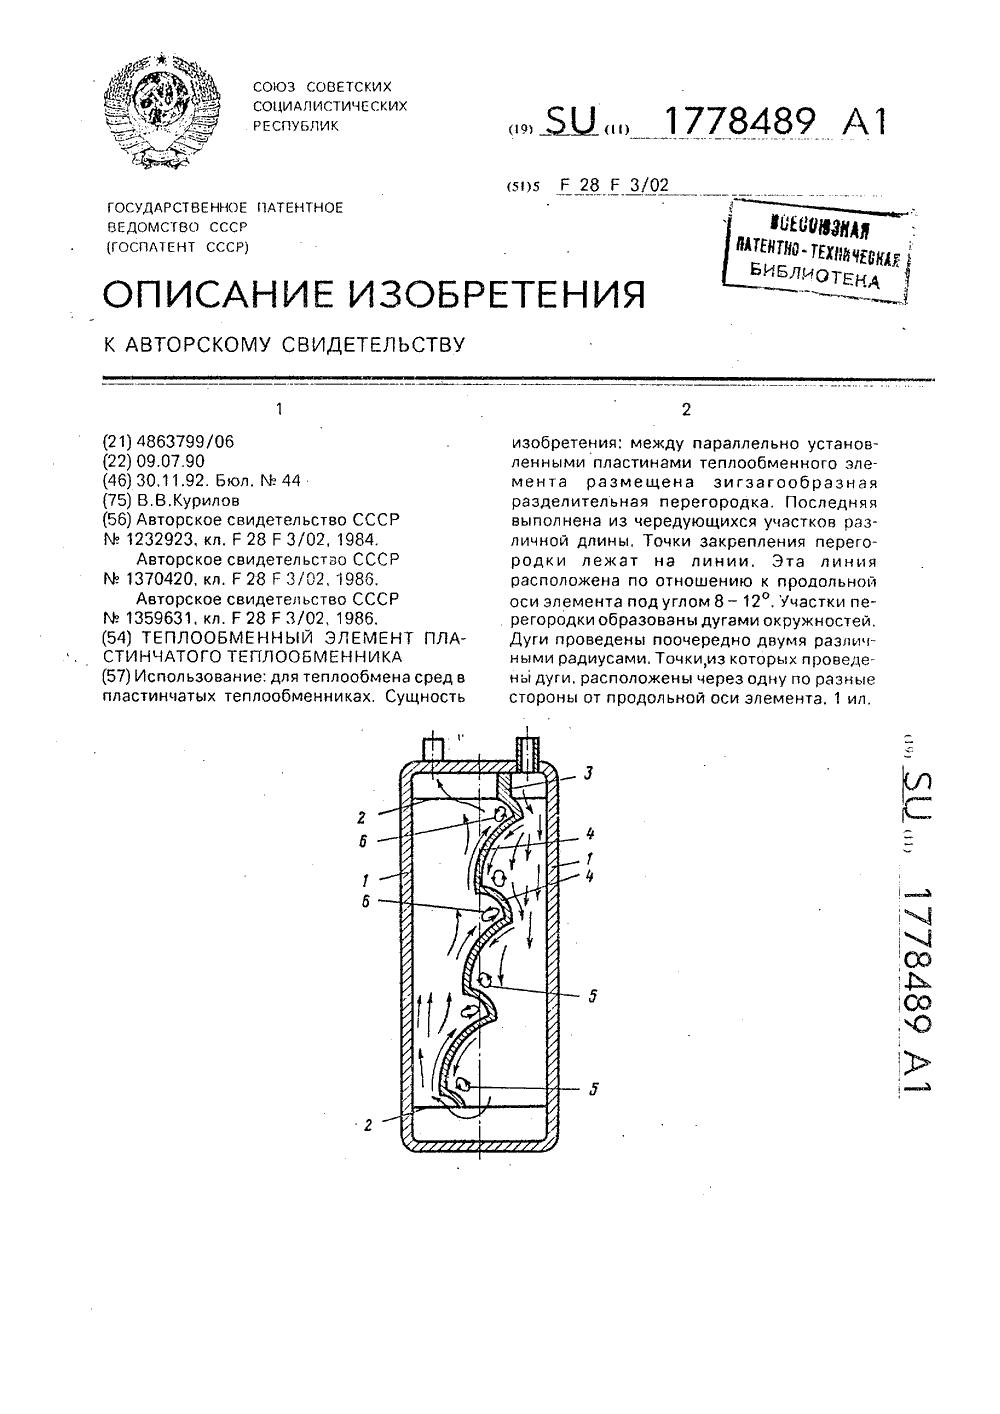 Гидравлические испытания пластинчатого теплообменника нижний новгород сайт завода теплообменник